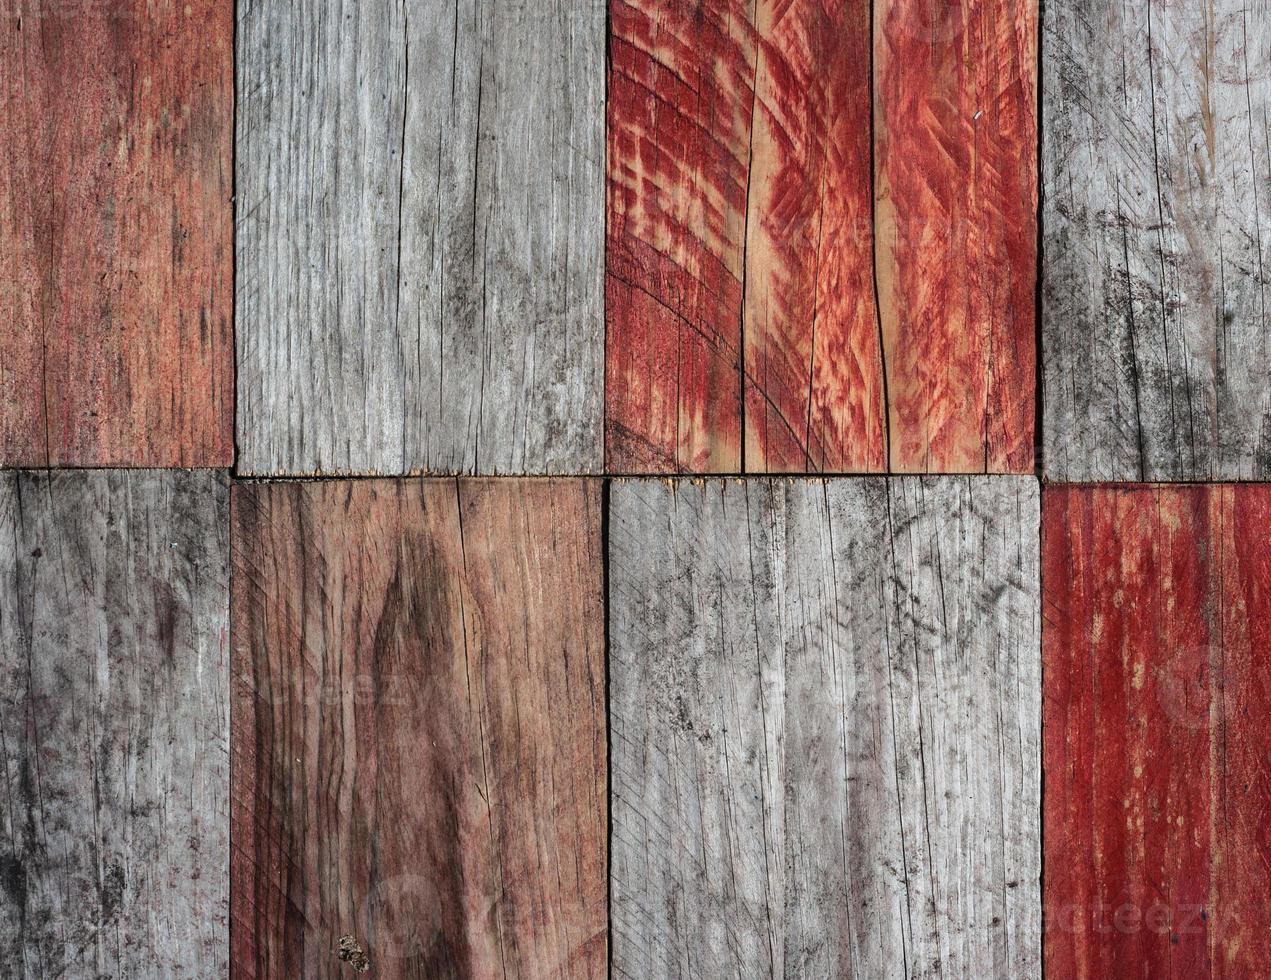 grunge textuur houten planken achtergrond foto